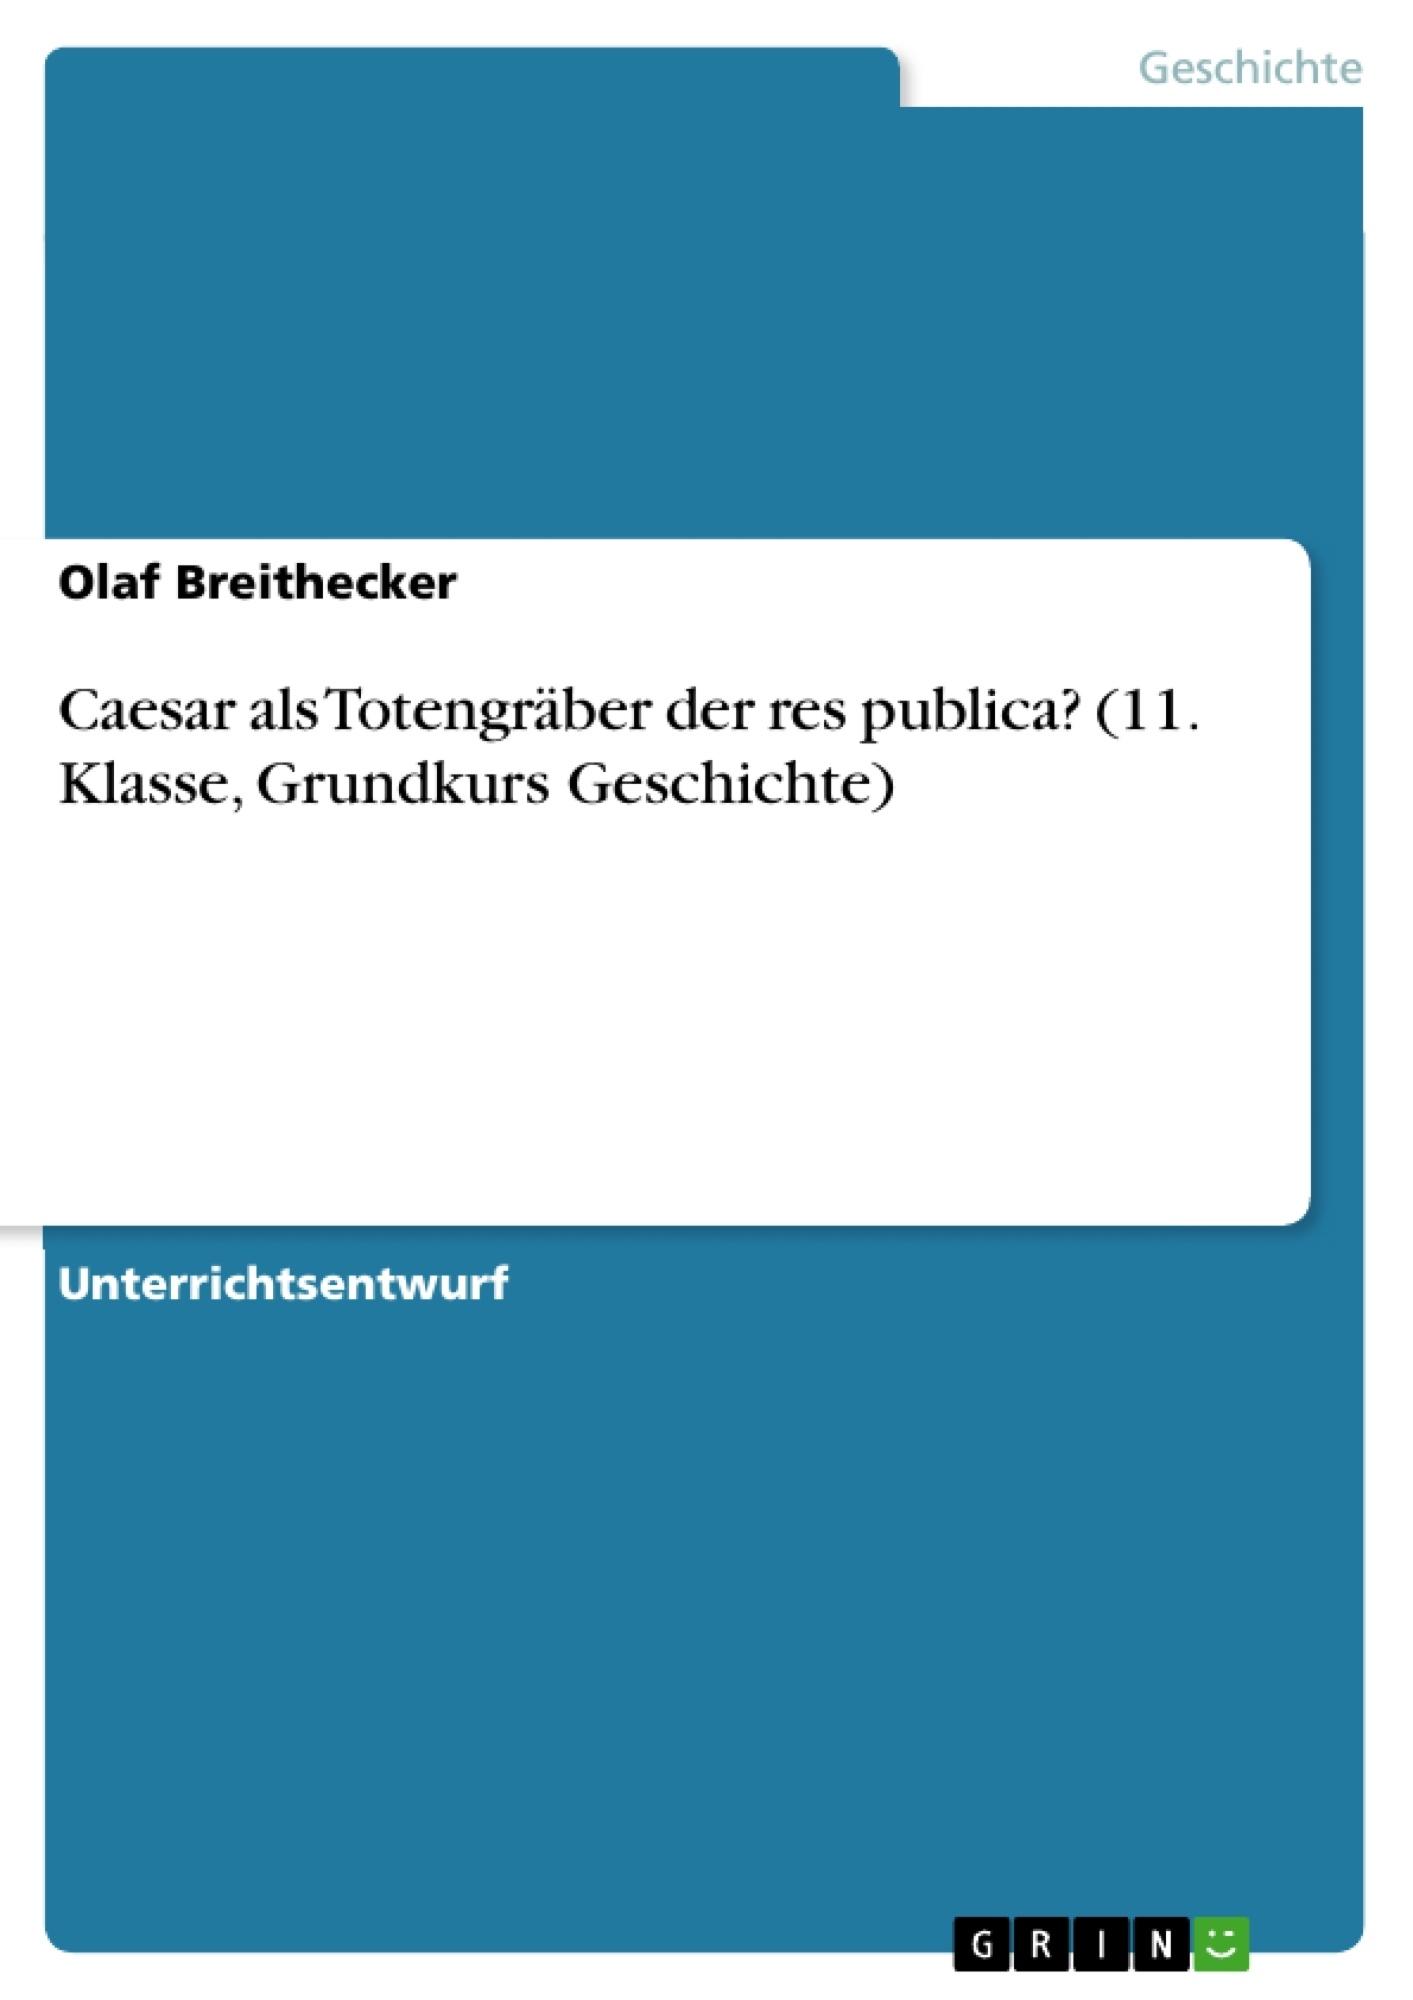 Titel: Caesar als Totengräber der res publica? (11. Klasse, Grundkurs Geschichte)